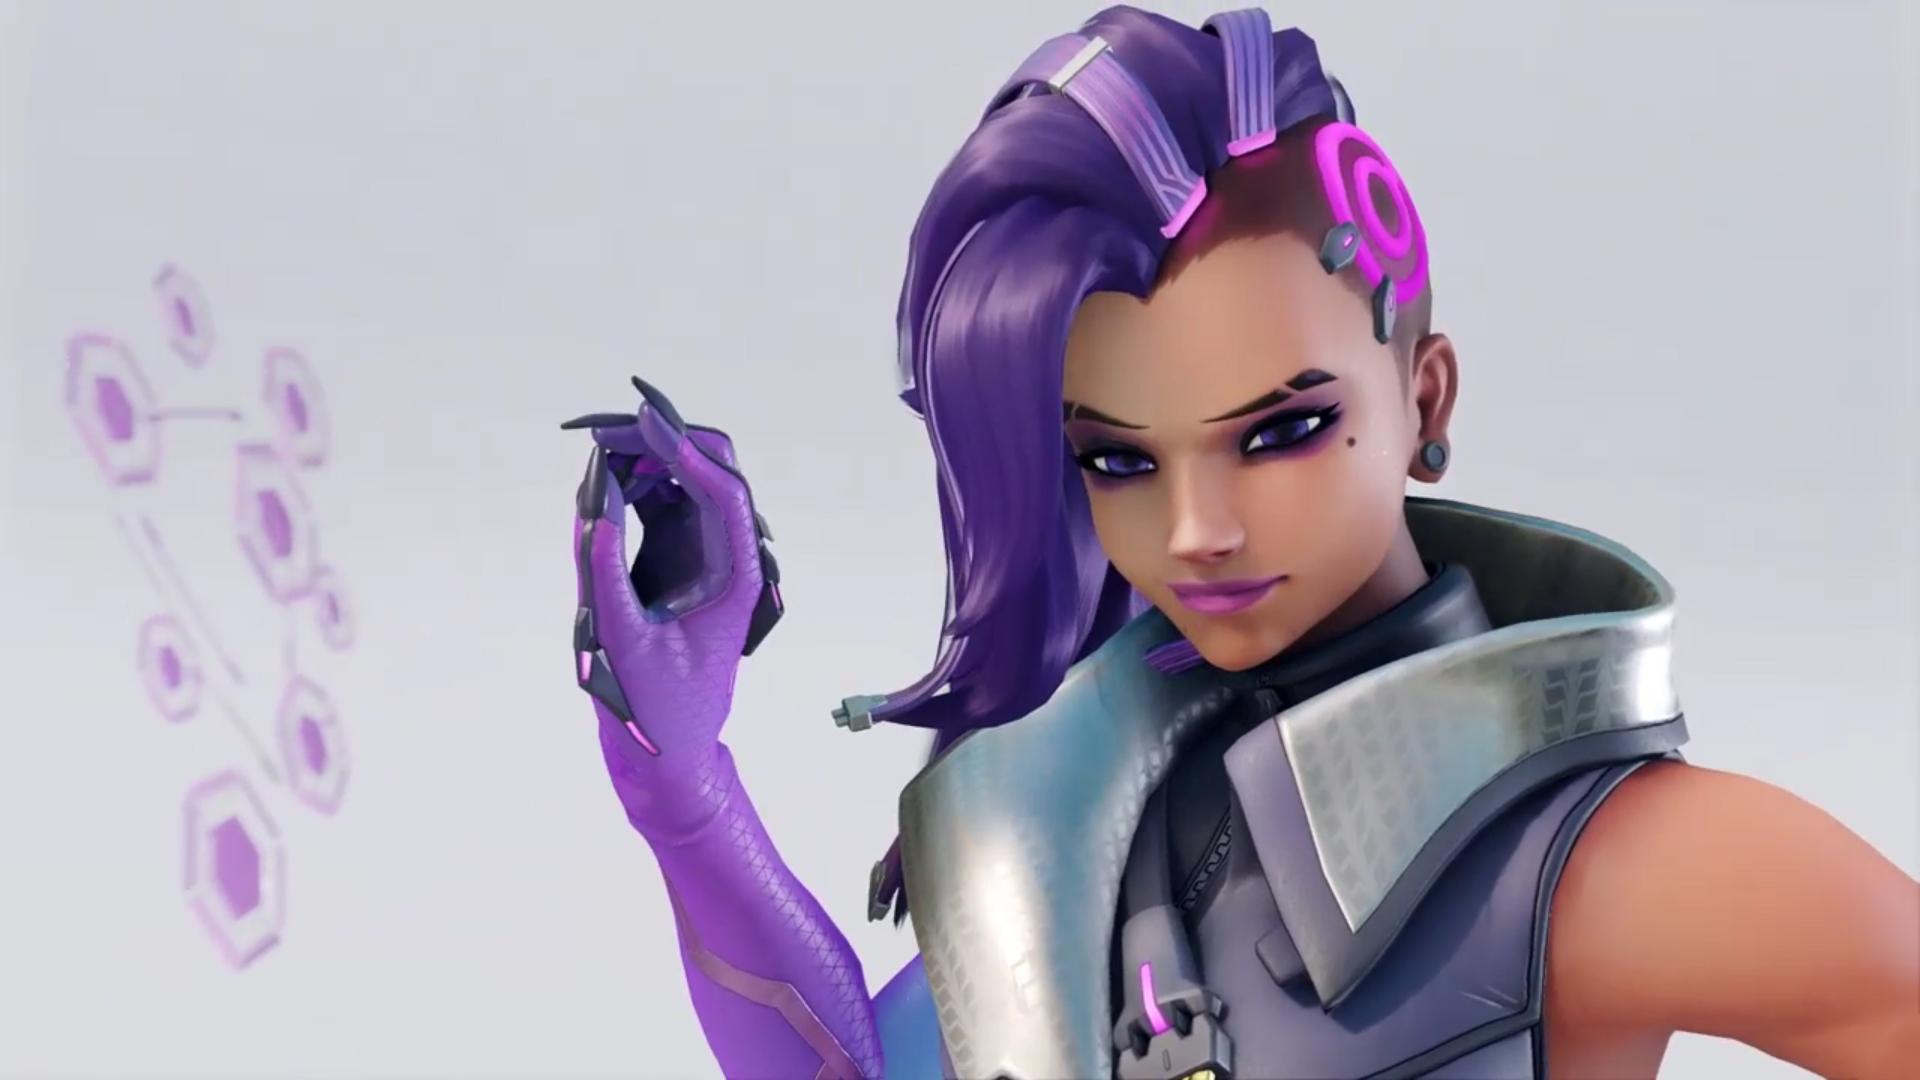 Sombra dans Overwatch 2